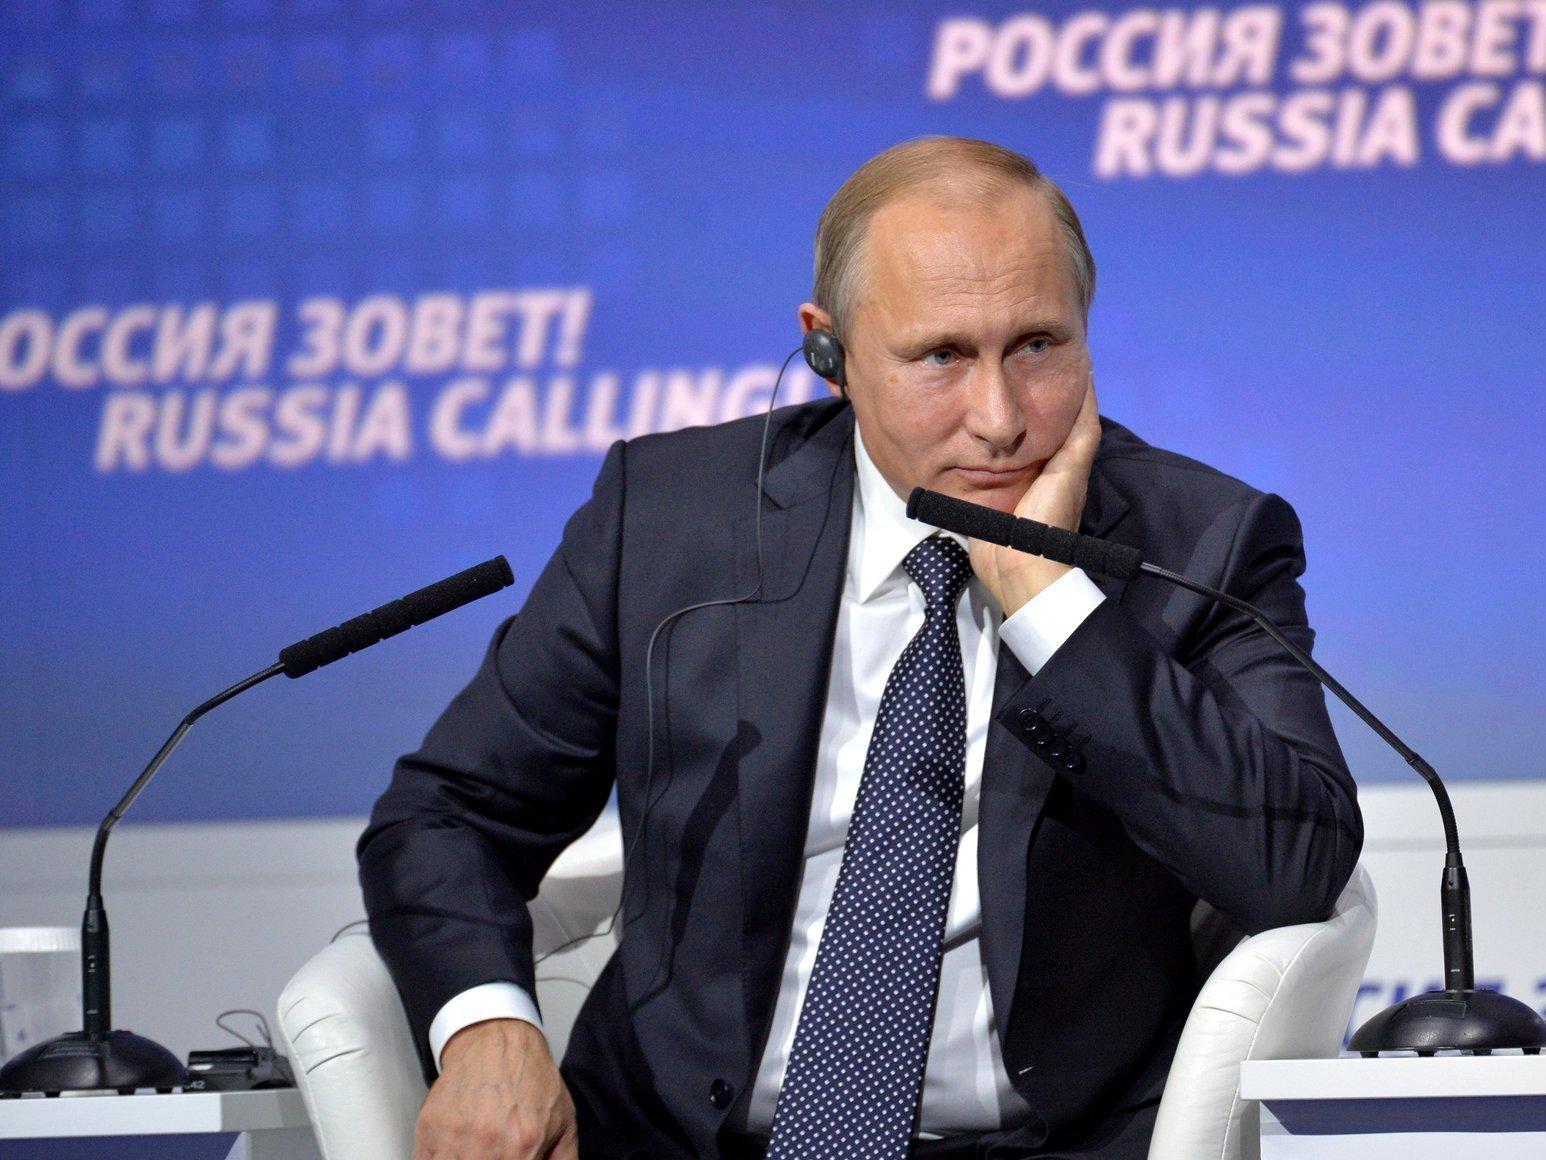 Путин поведал ожелании Российской Федерации иметь дружеские отношения сСША